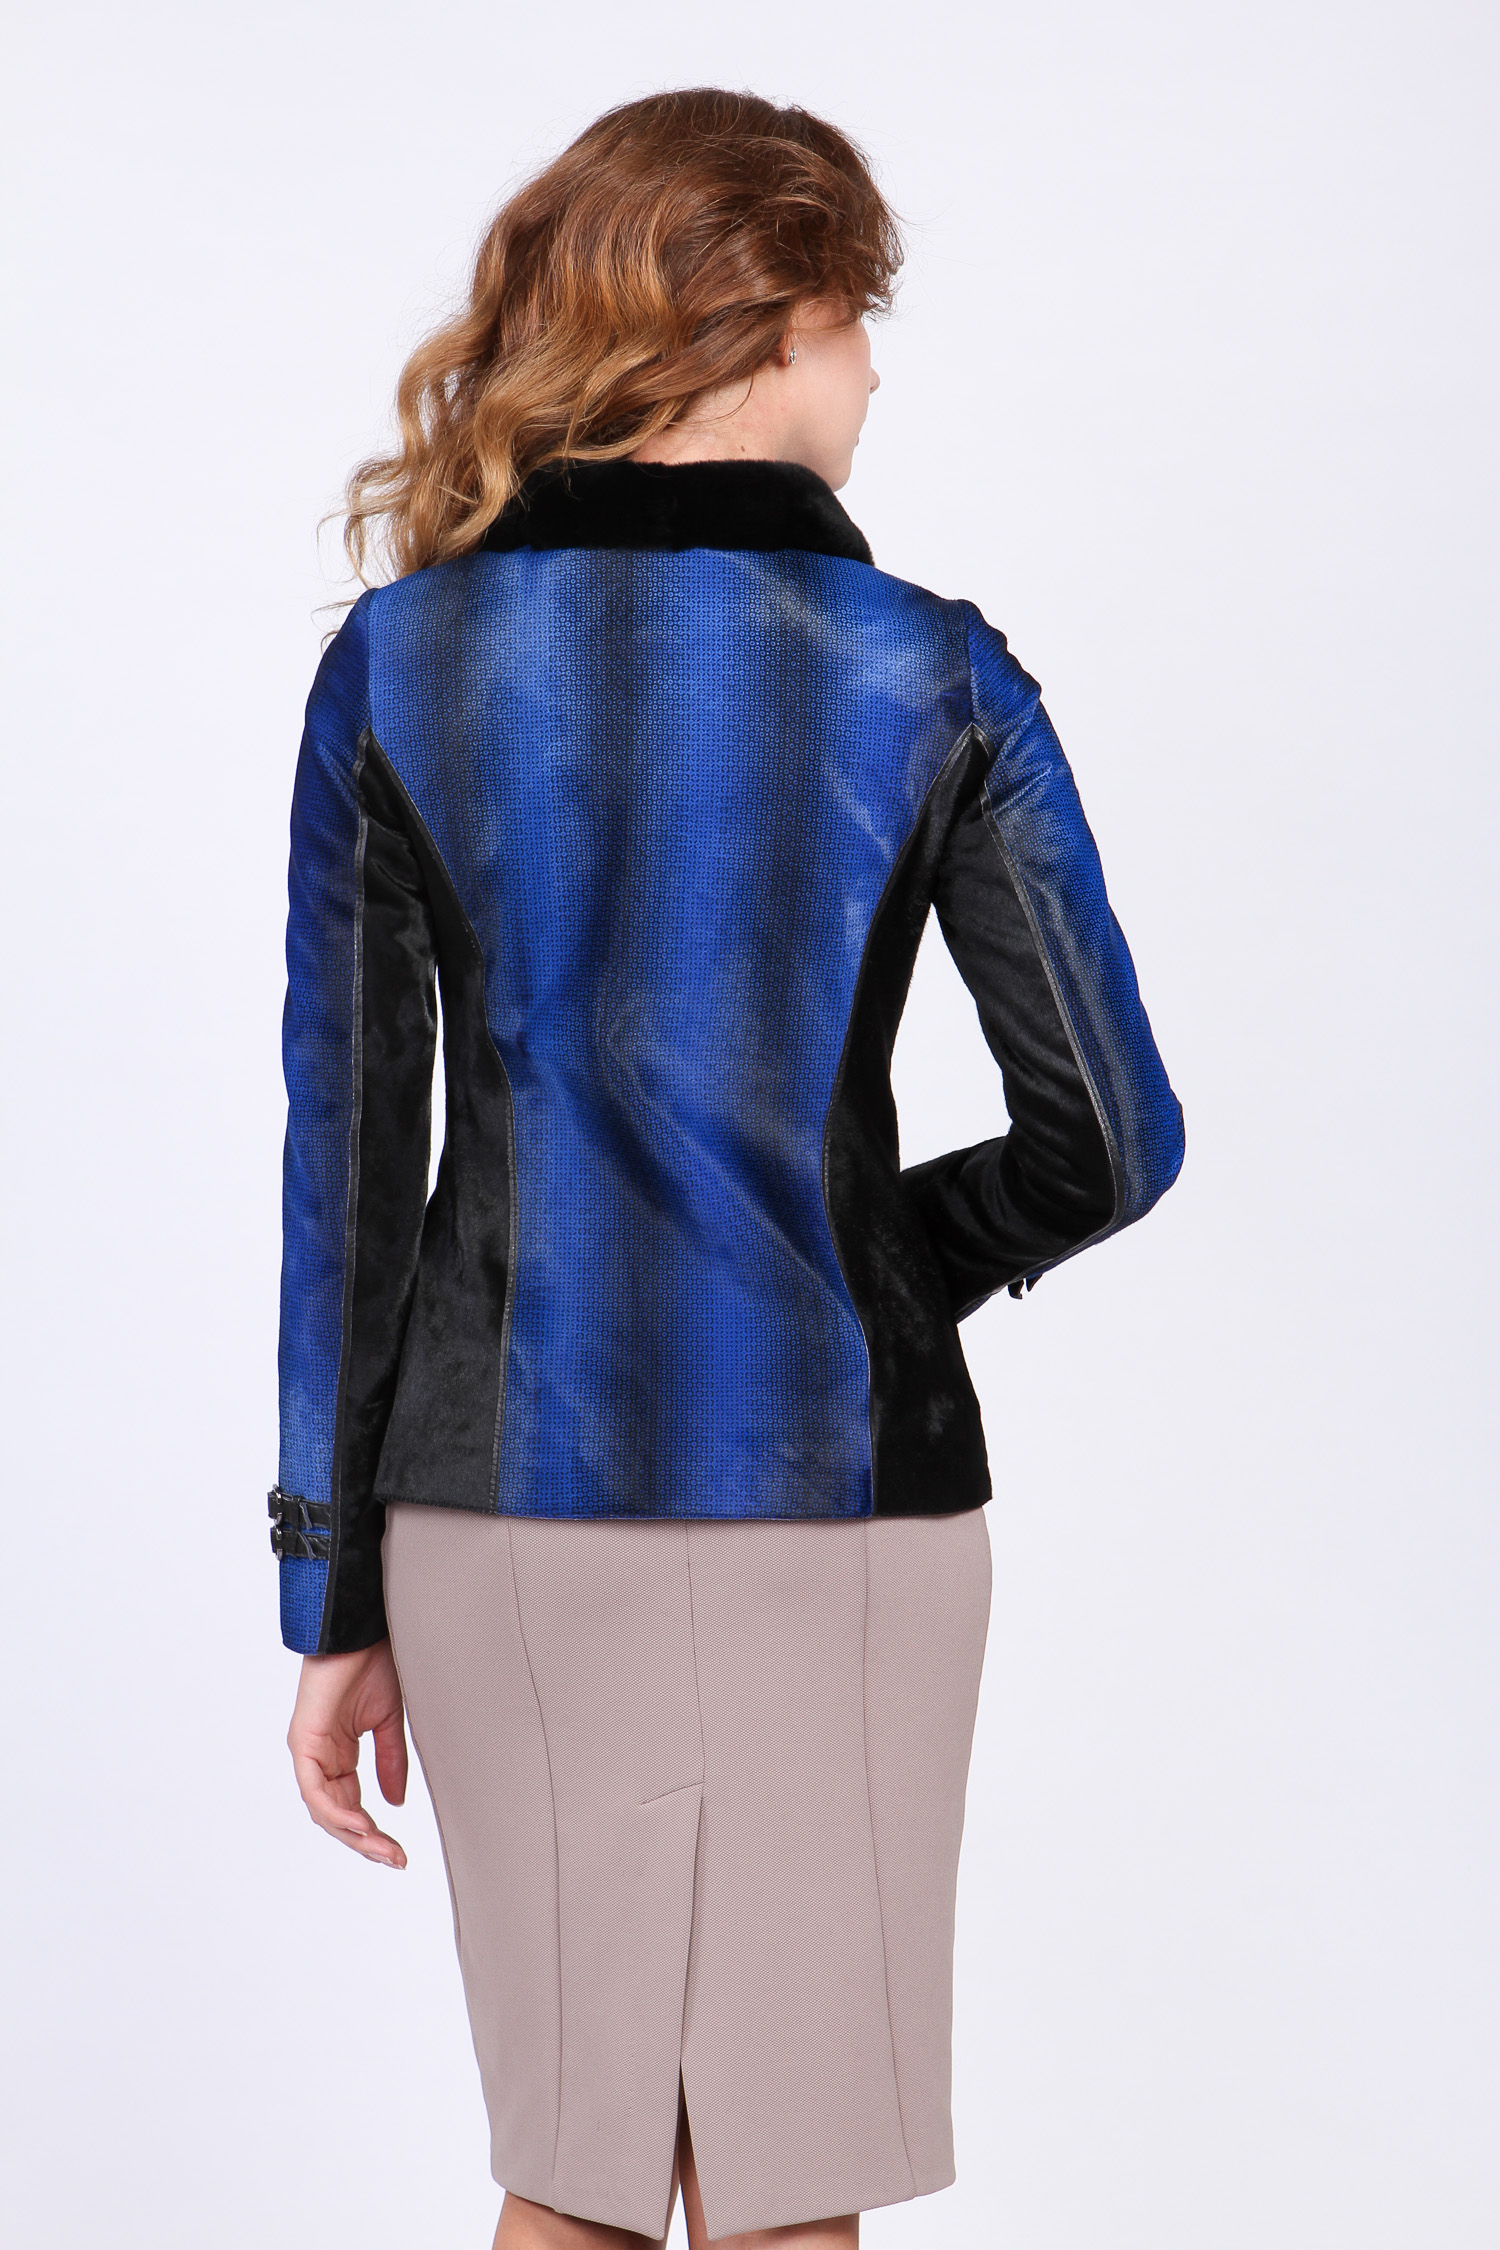 Женская кожаная куртка из натуральной кожи с воротником, отделка кролик от Московская Меховая Компания